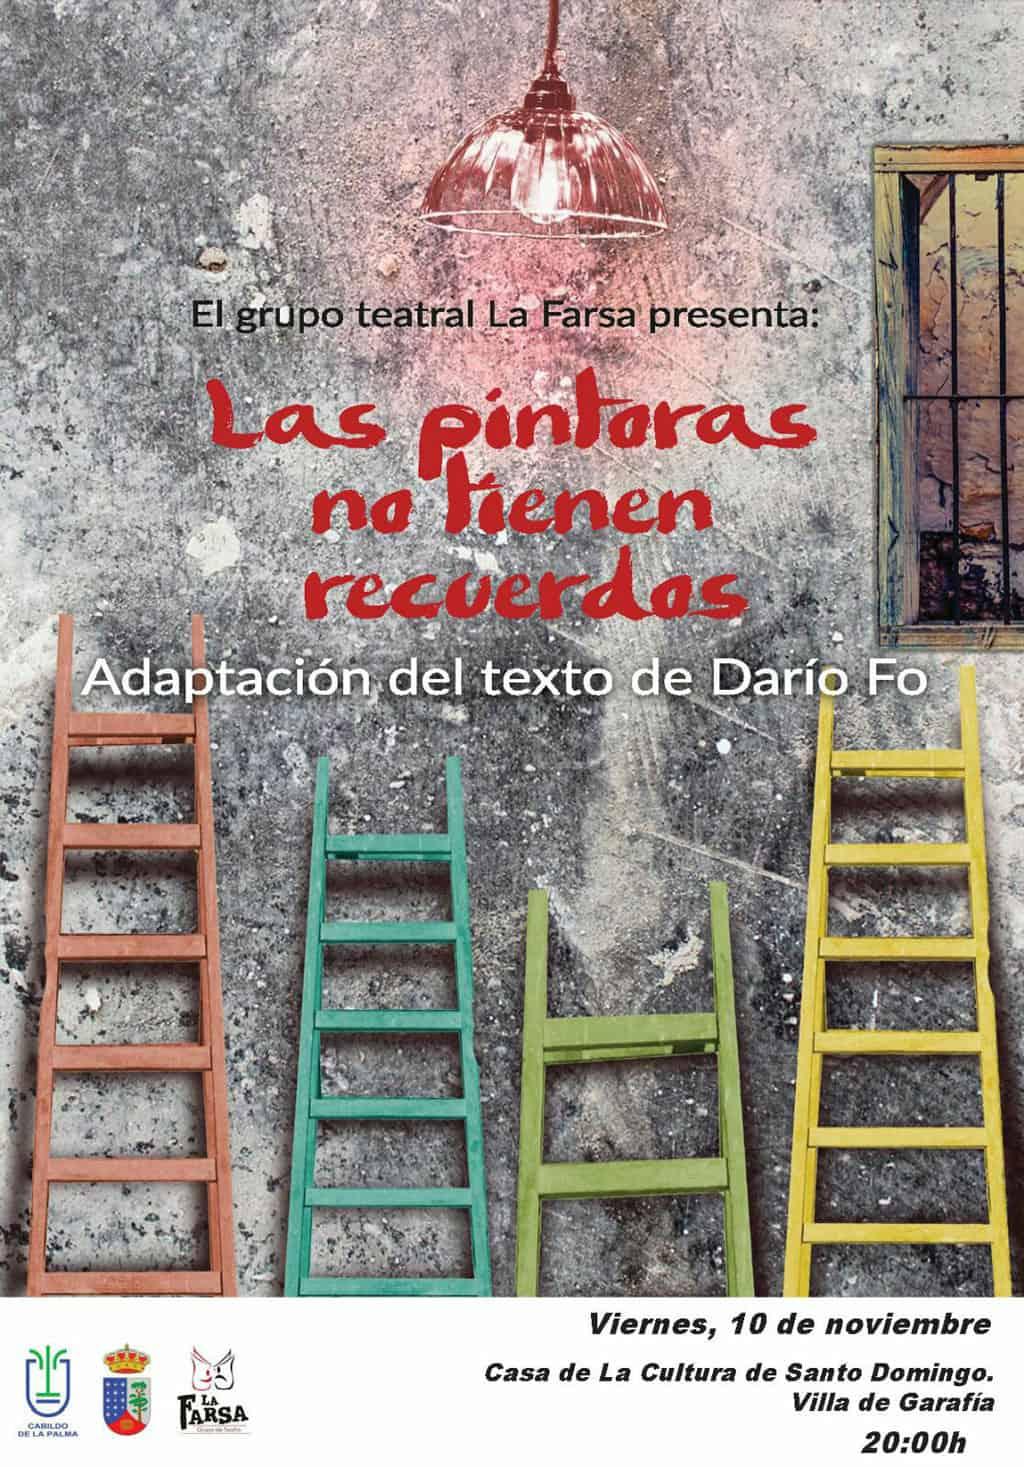 La Farsa Teatro presenta este viernes la obra 'Las pintoras no tienen recuerdos' en Villa de Garafía